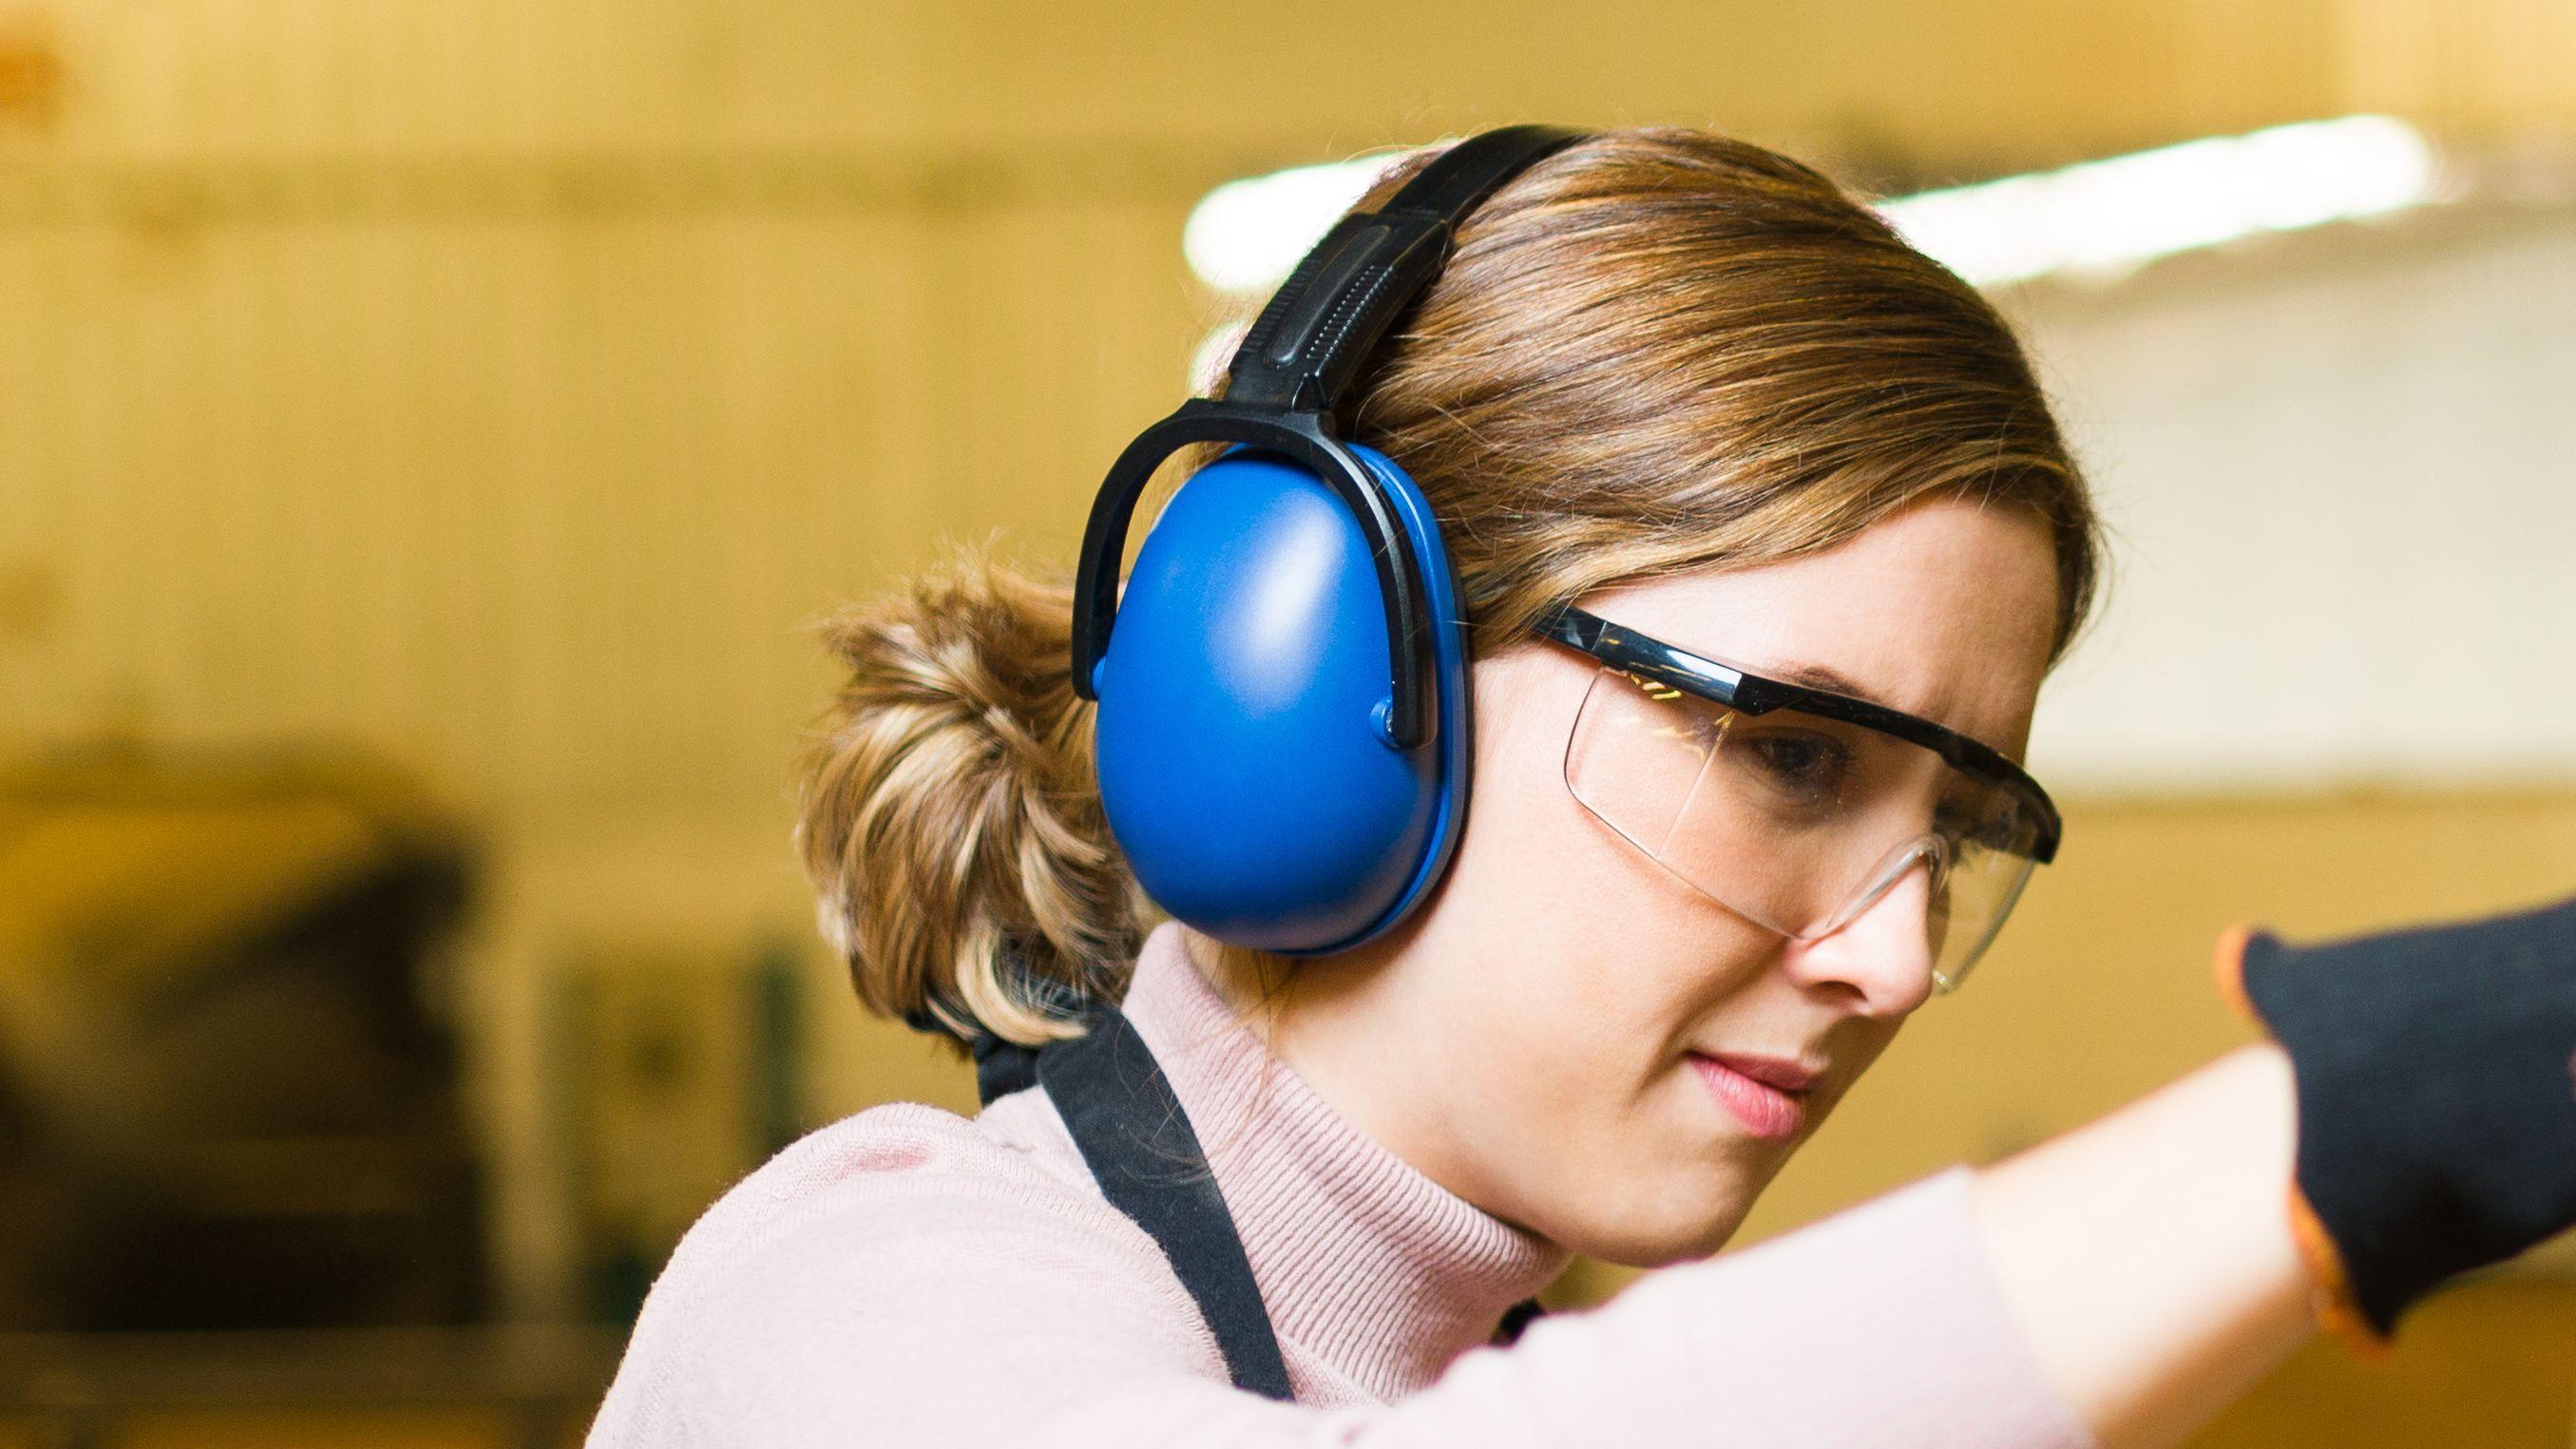 Comment choisir des protections auditives ?